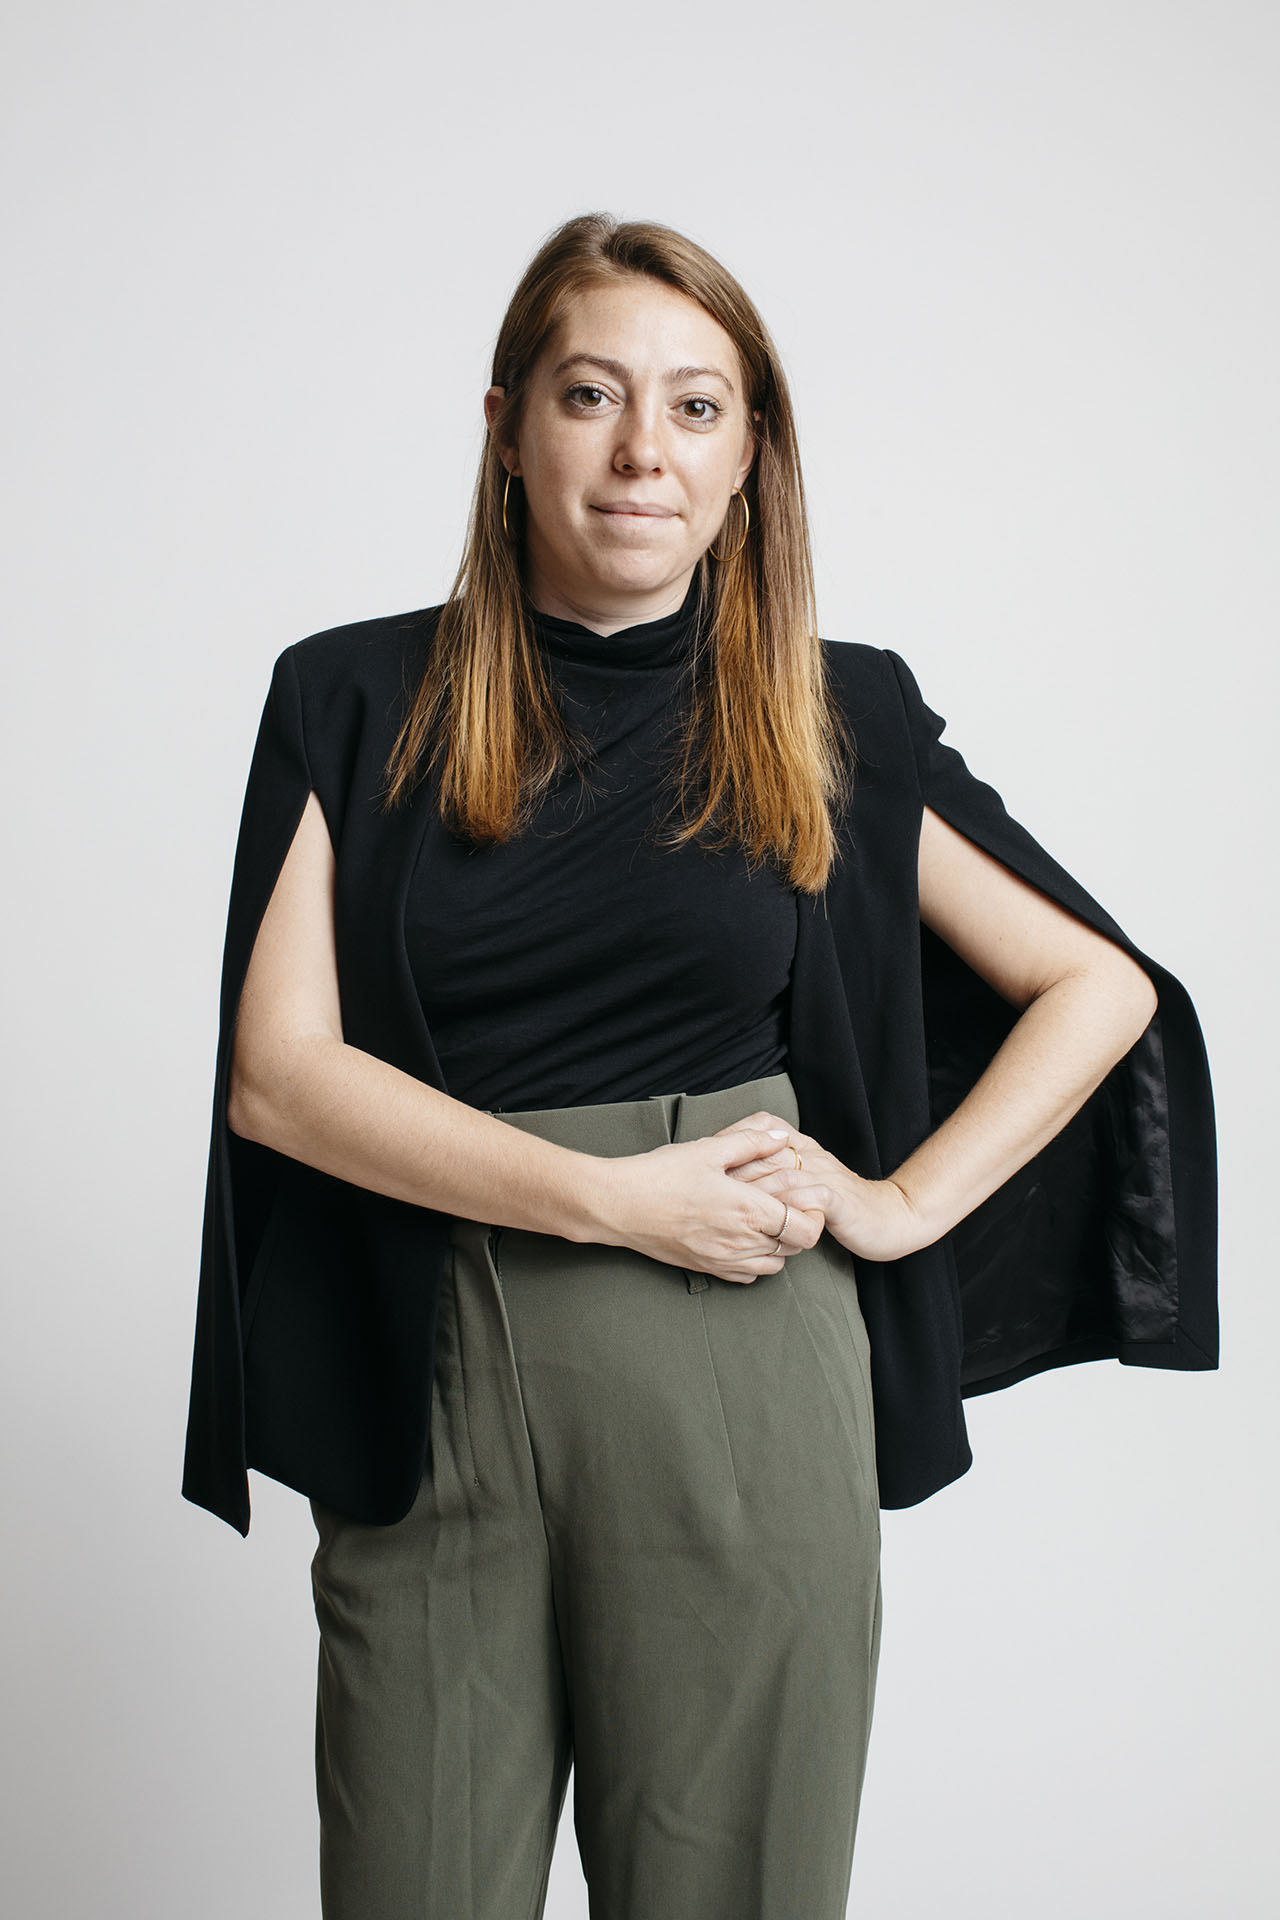 Freddi Goldstein